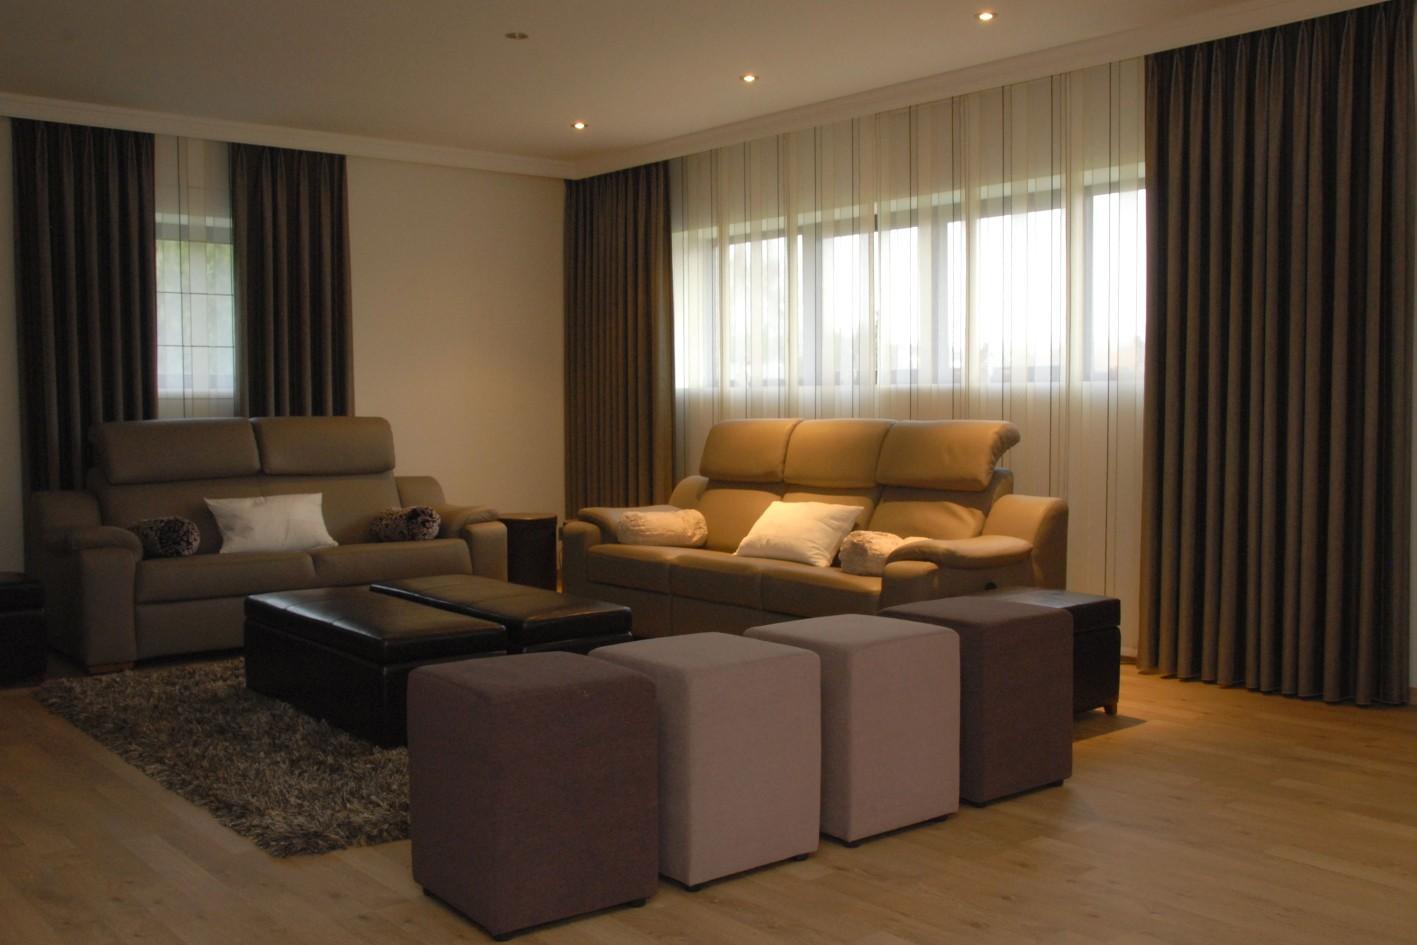 Marijke decoratie gordijnen - Gordijnen voor moderne woonkamer ...